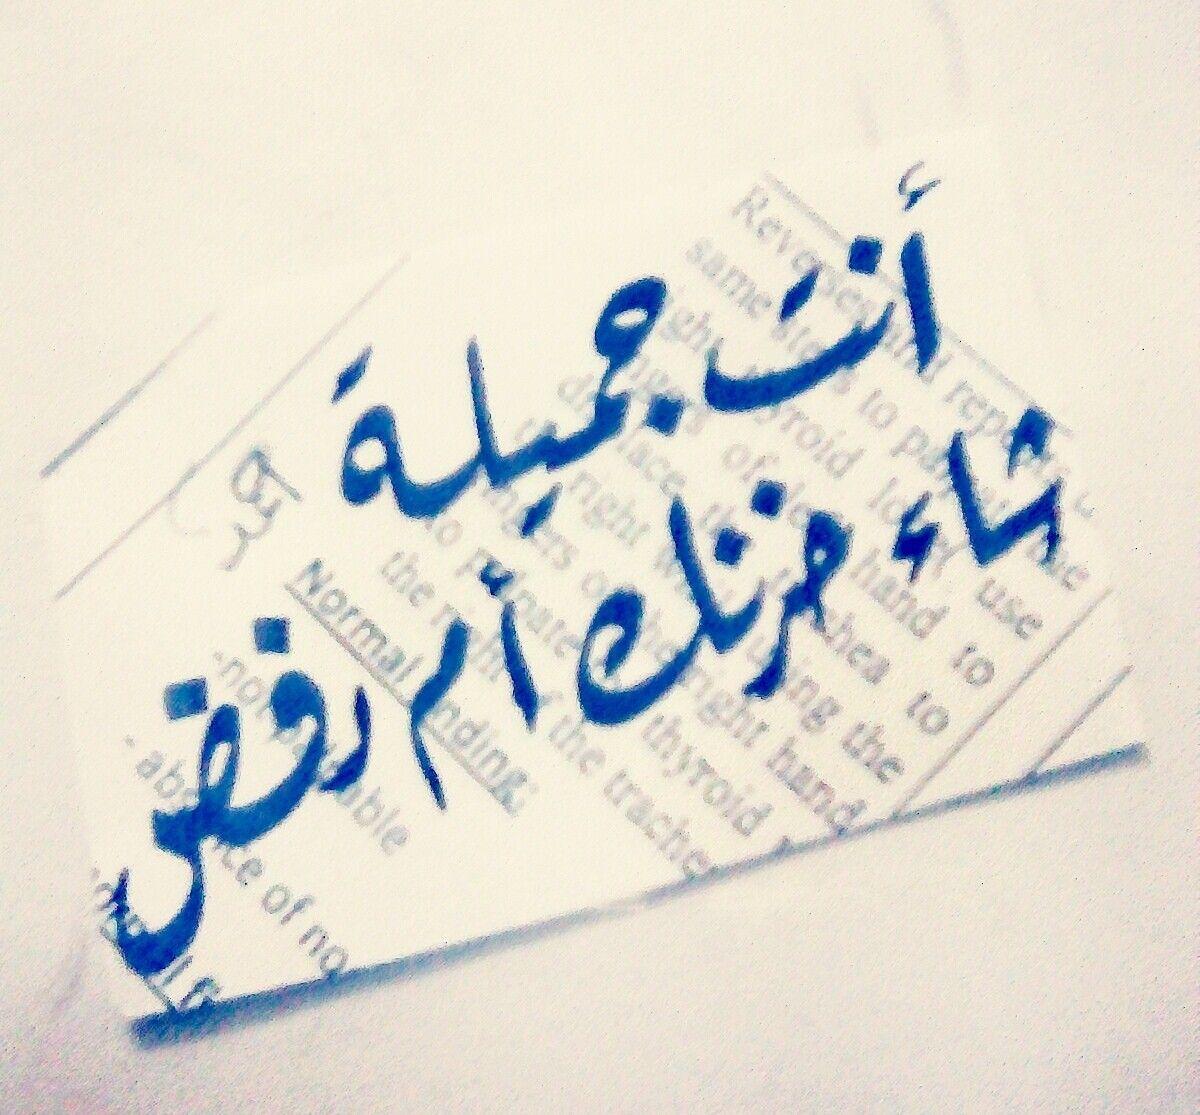 أنت جميلة شاء حزنك أم رفض Calligraphy